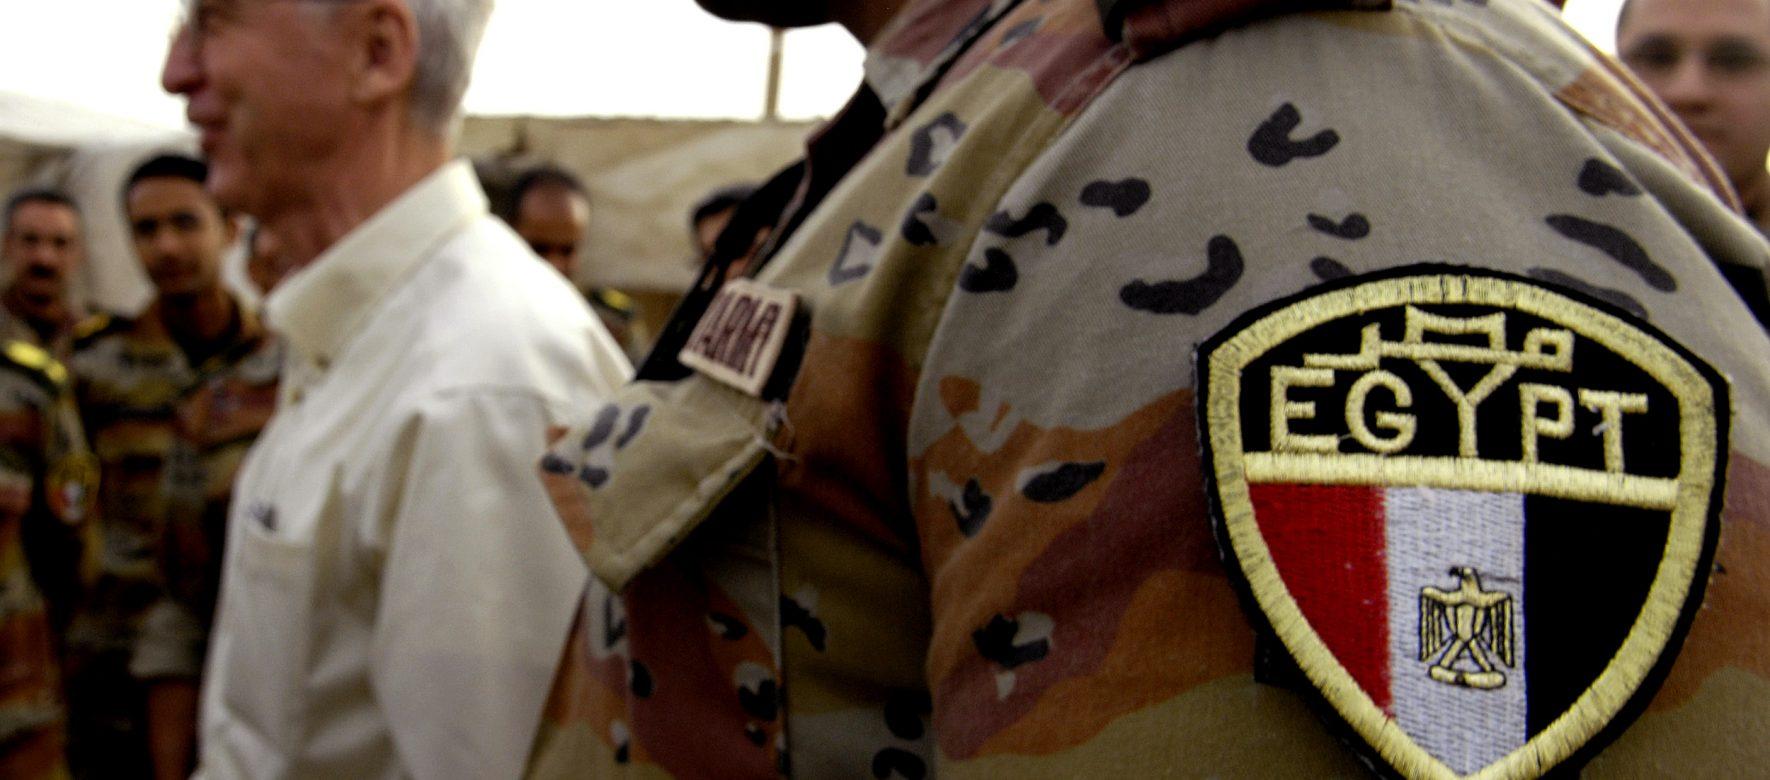 L'armée égyptienne va lancer sa propre société pharmaceutique